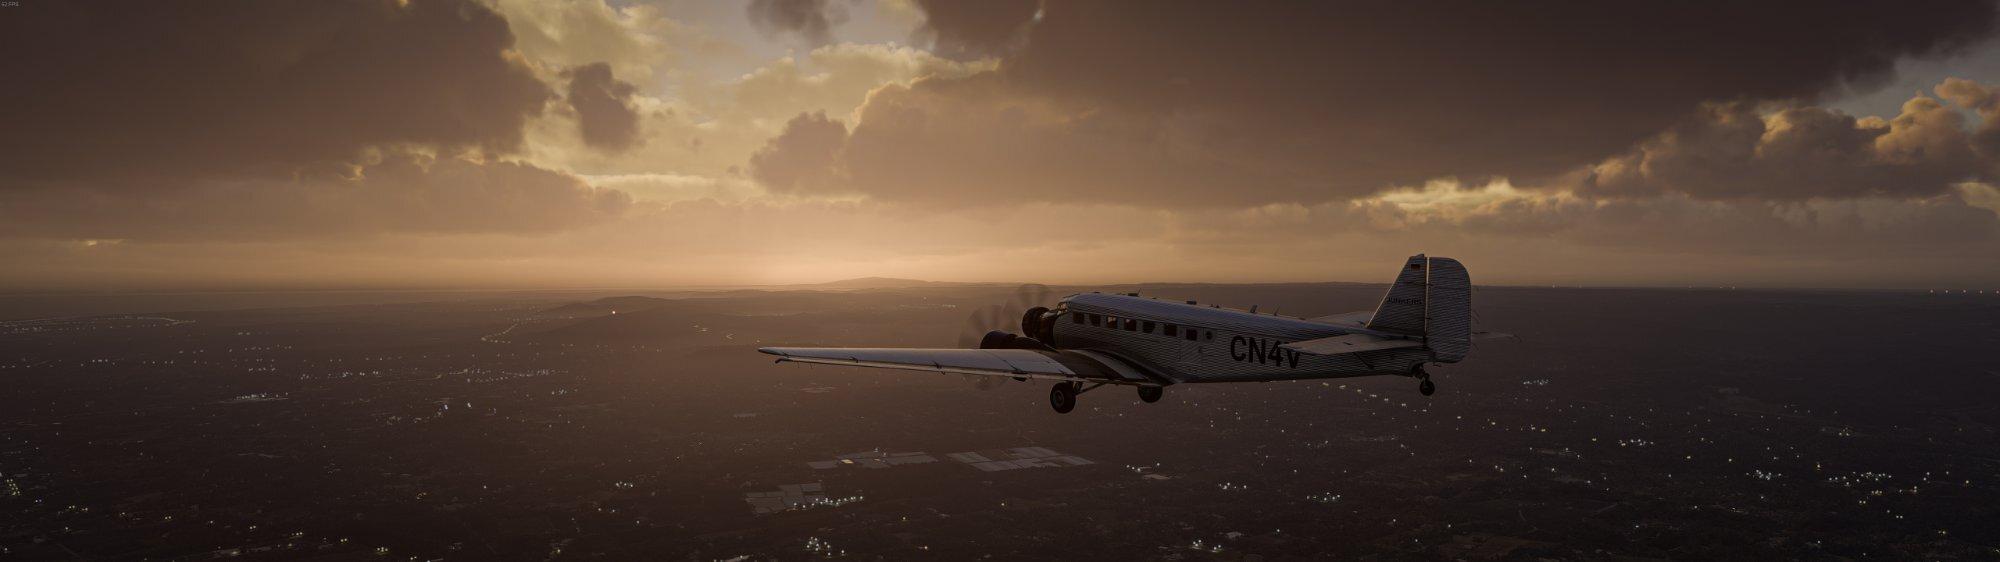 Microsoft Flight Simulator Screenshot 2021.09.29 - 20.18.12.68 Thumbnail.jpg